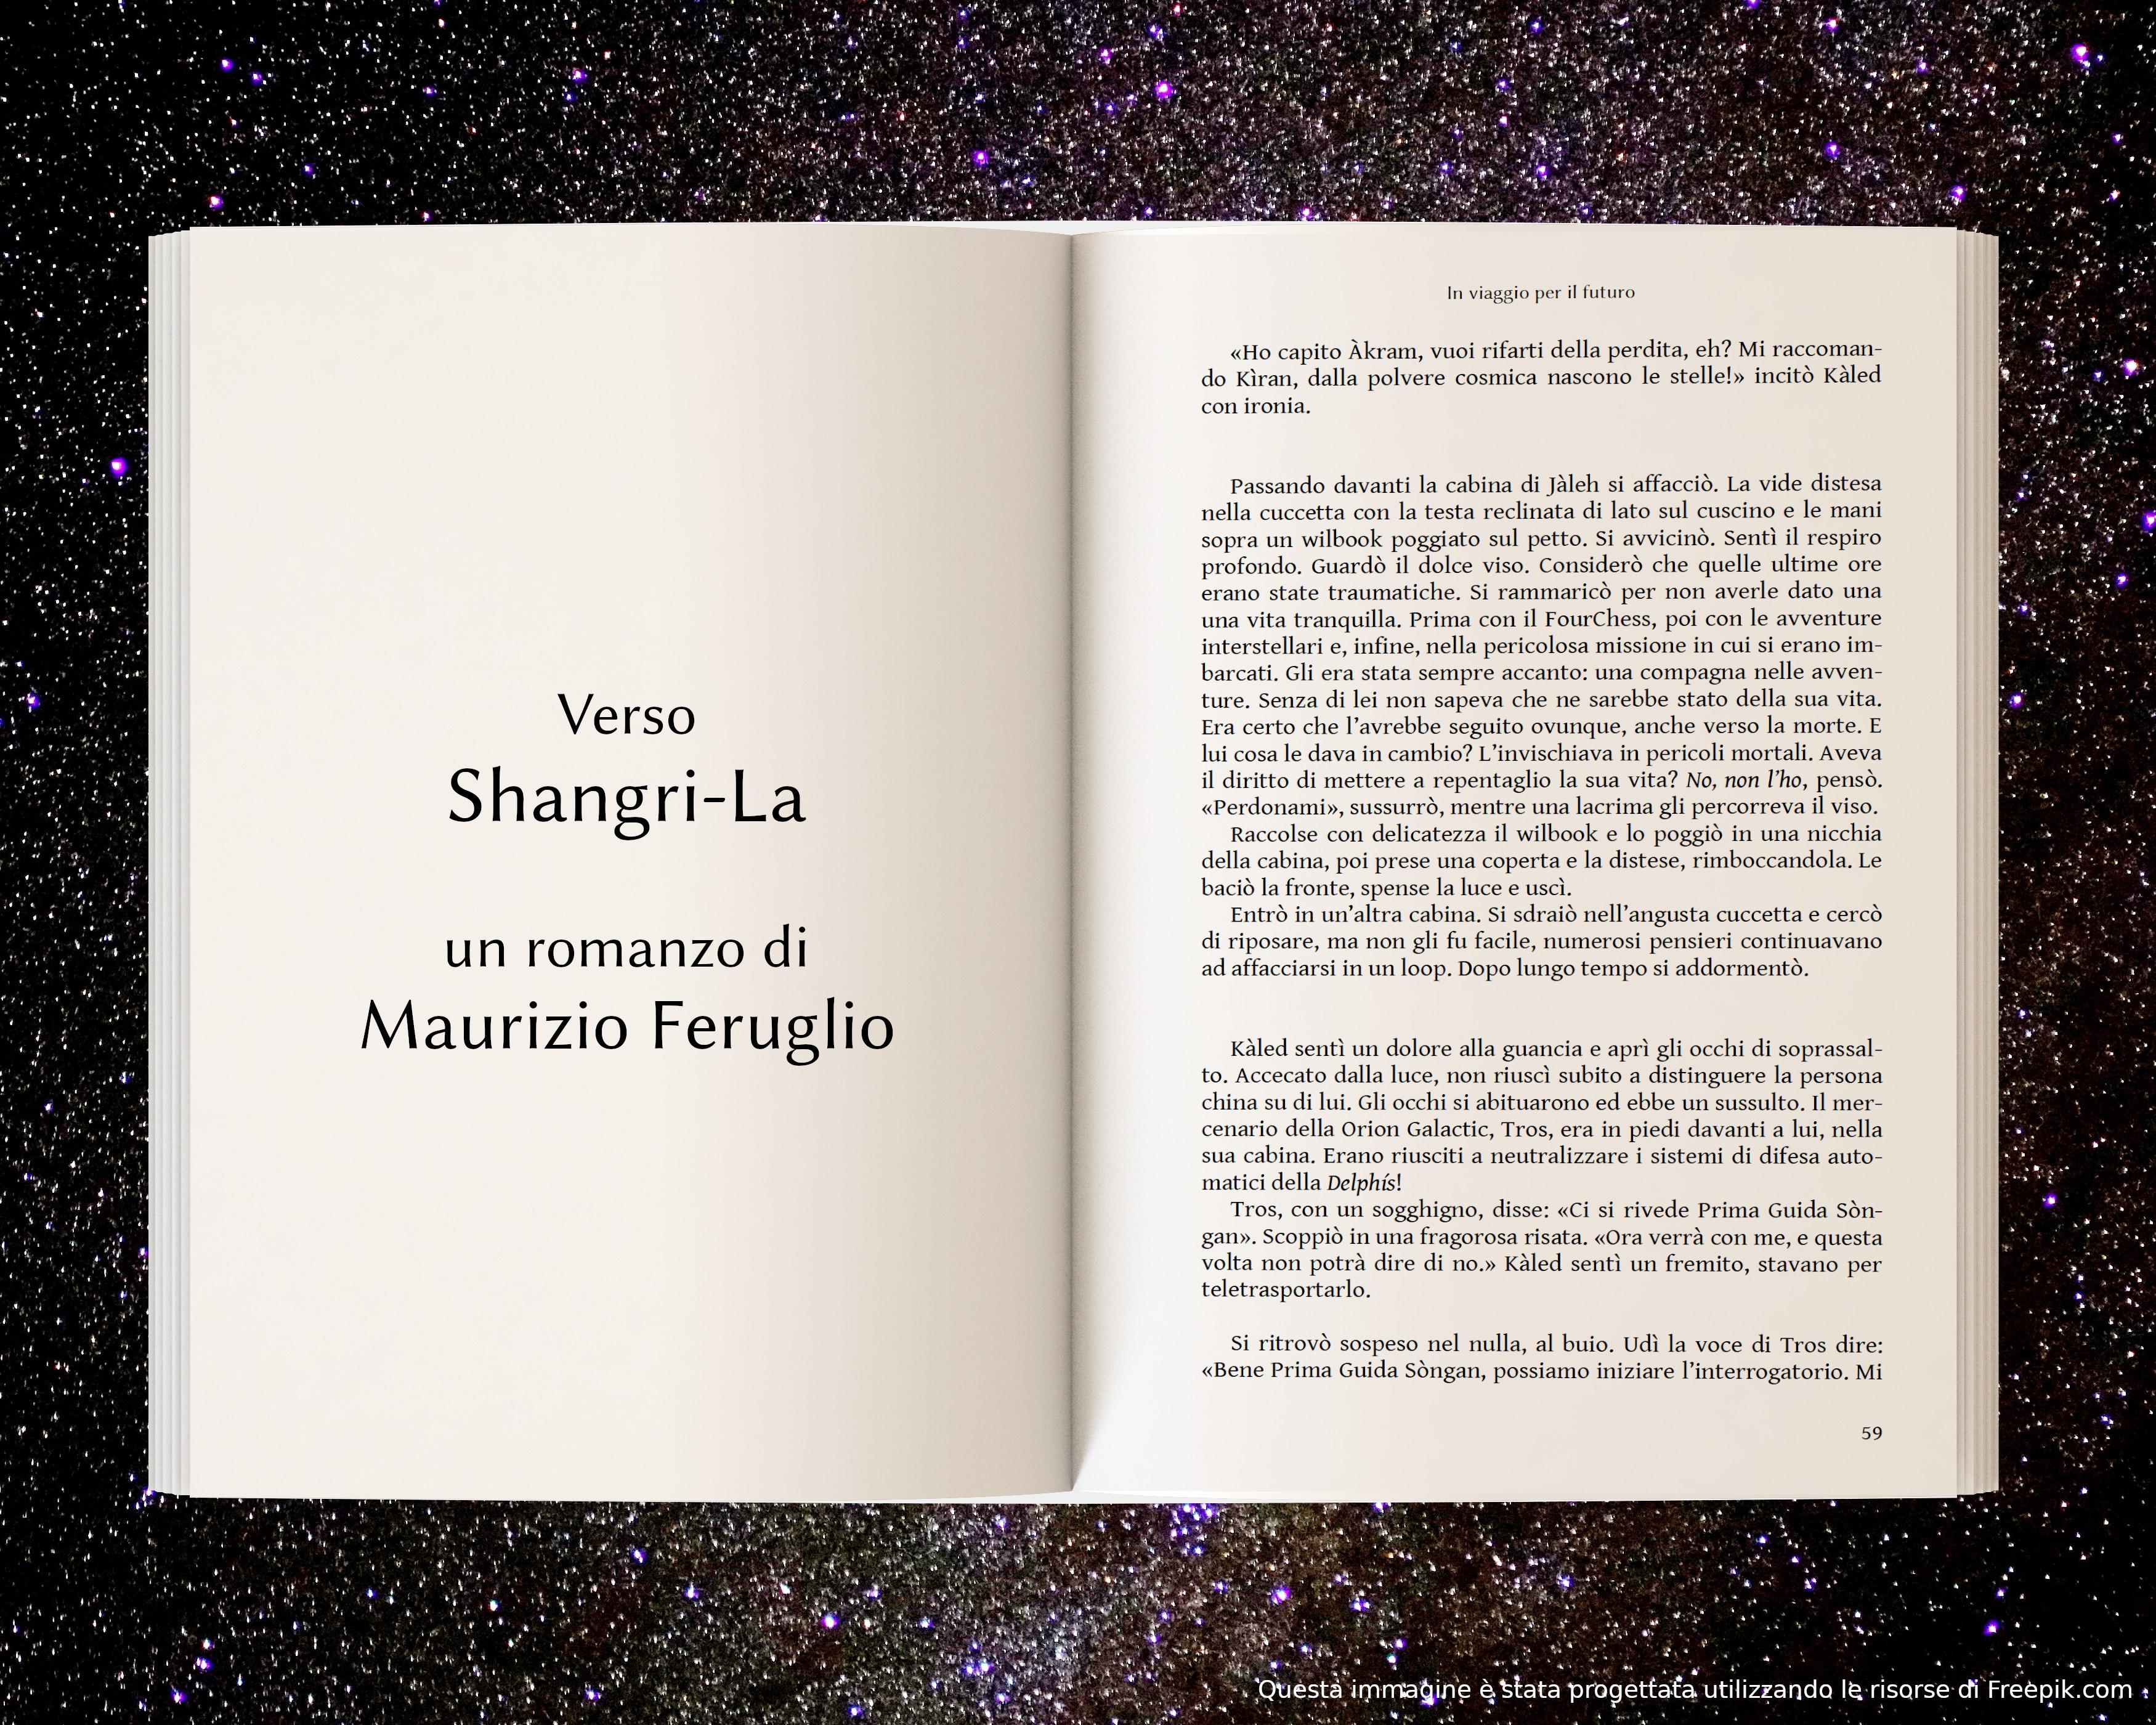 Prigionieri di Tros, parte prima - anteprima di Verso Shangri-La di Maurizio Feruglio